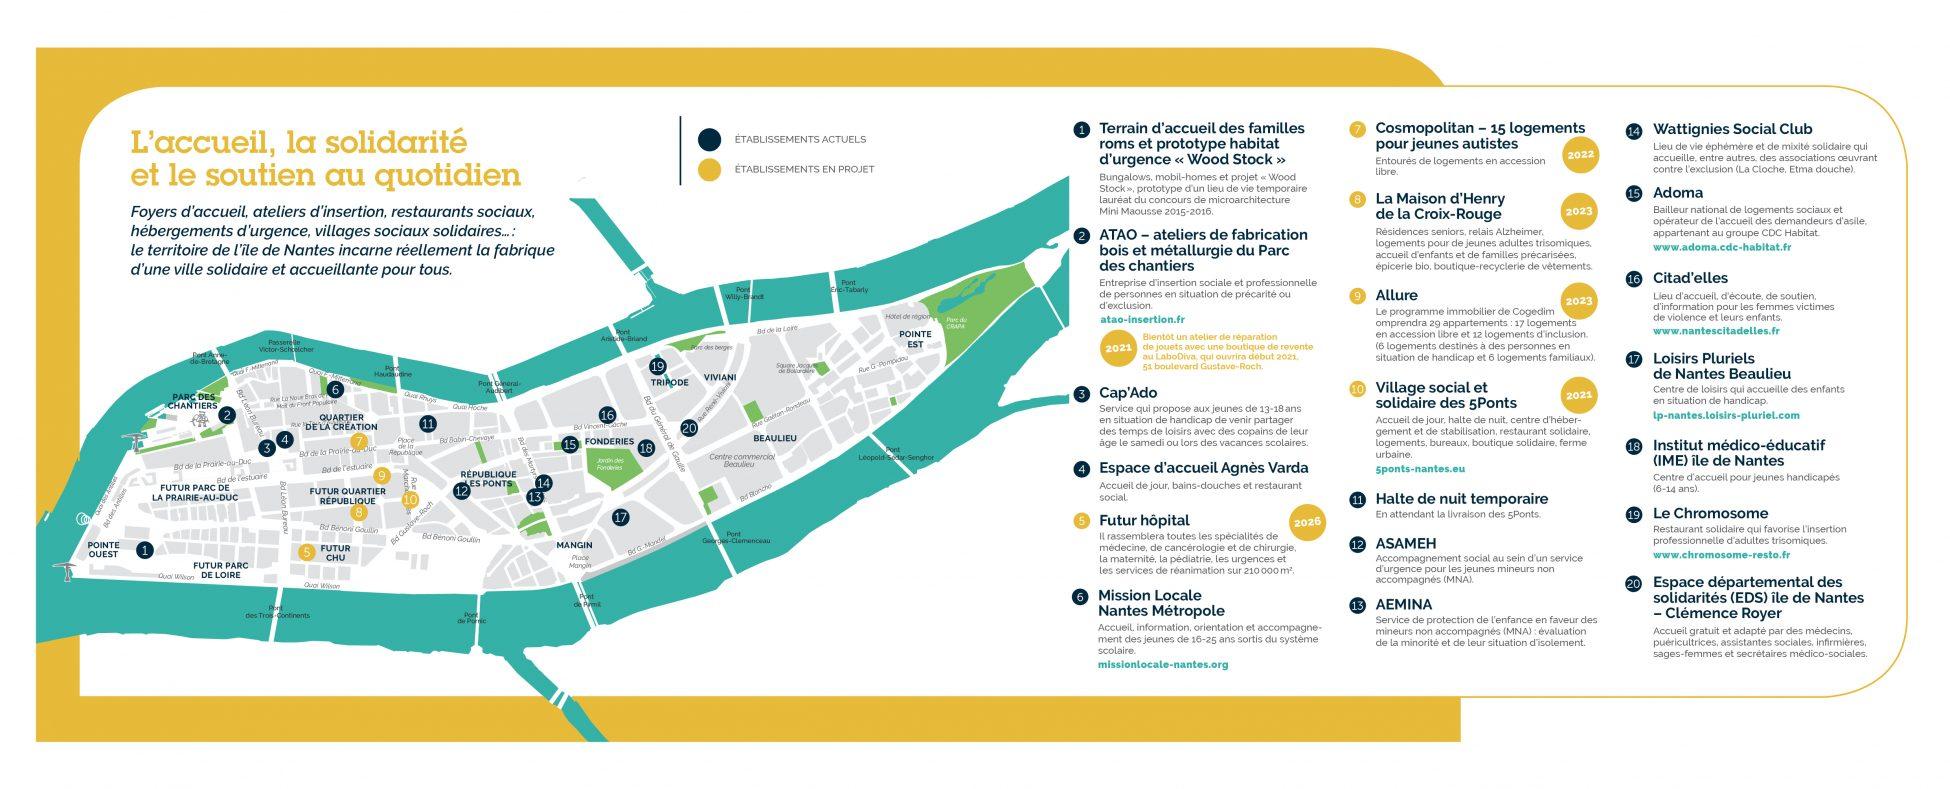 TransformationsMagazine25 CARTO WEB RVB scaled - Qu'est-ce qu'une ville inclusive et solidaire ? L'exemple de l'île de Nantes